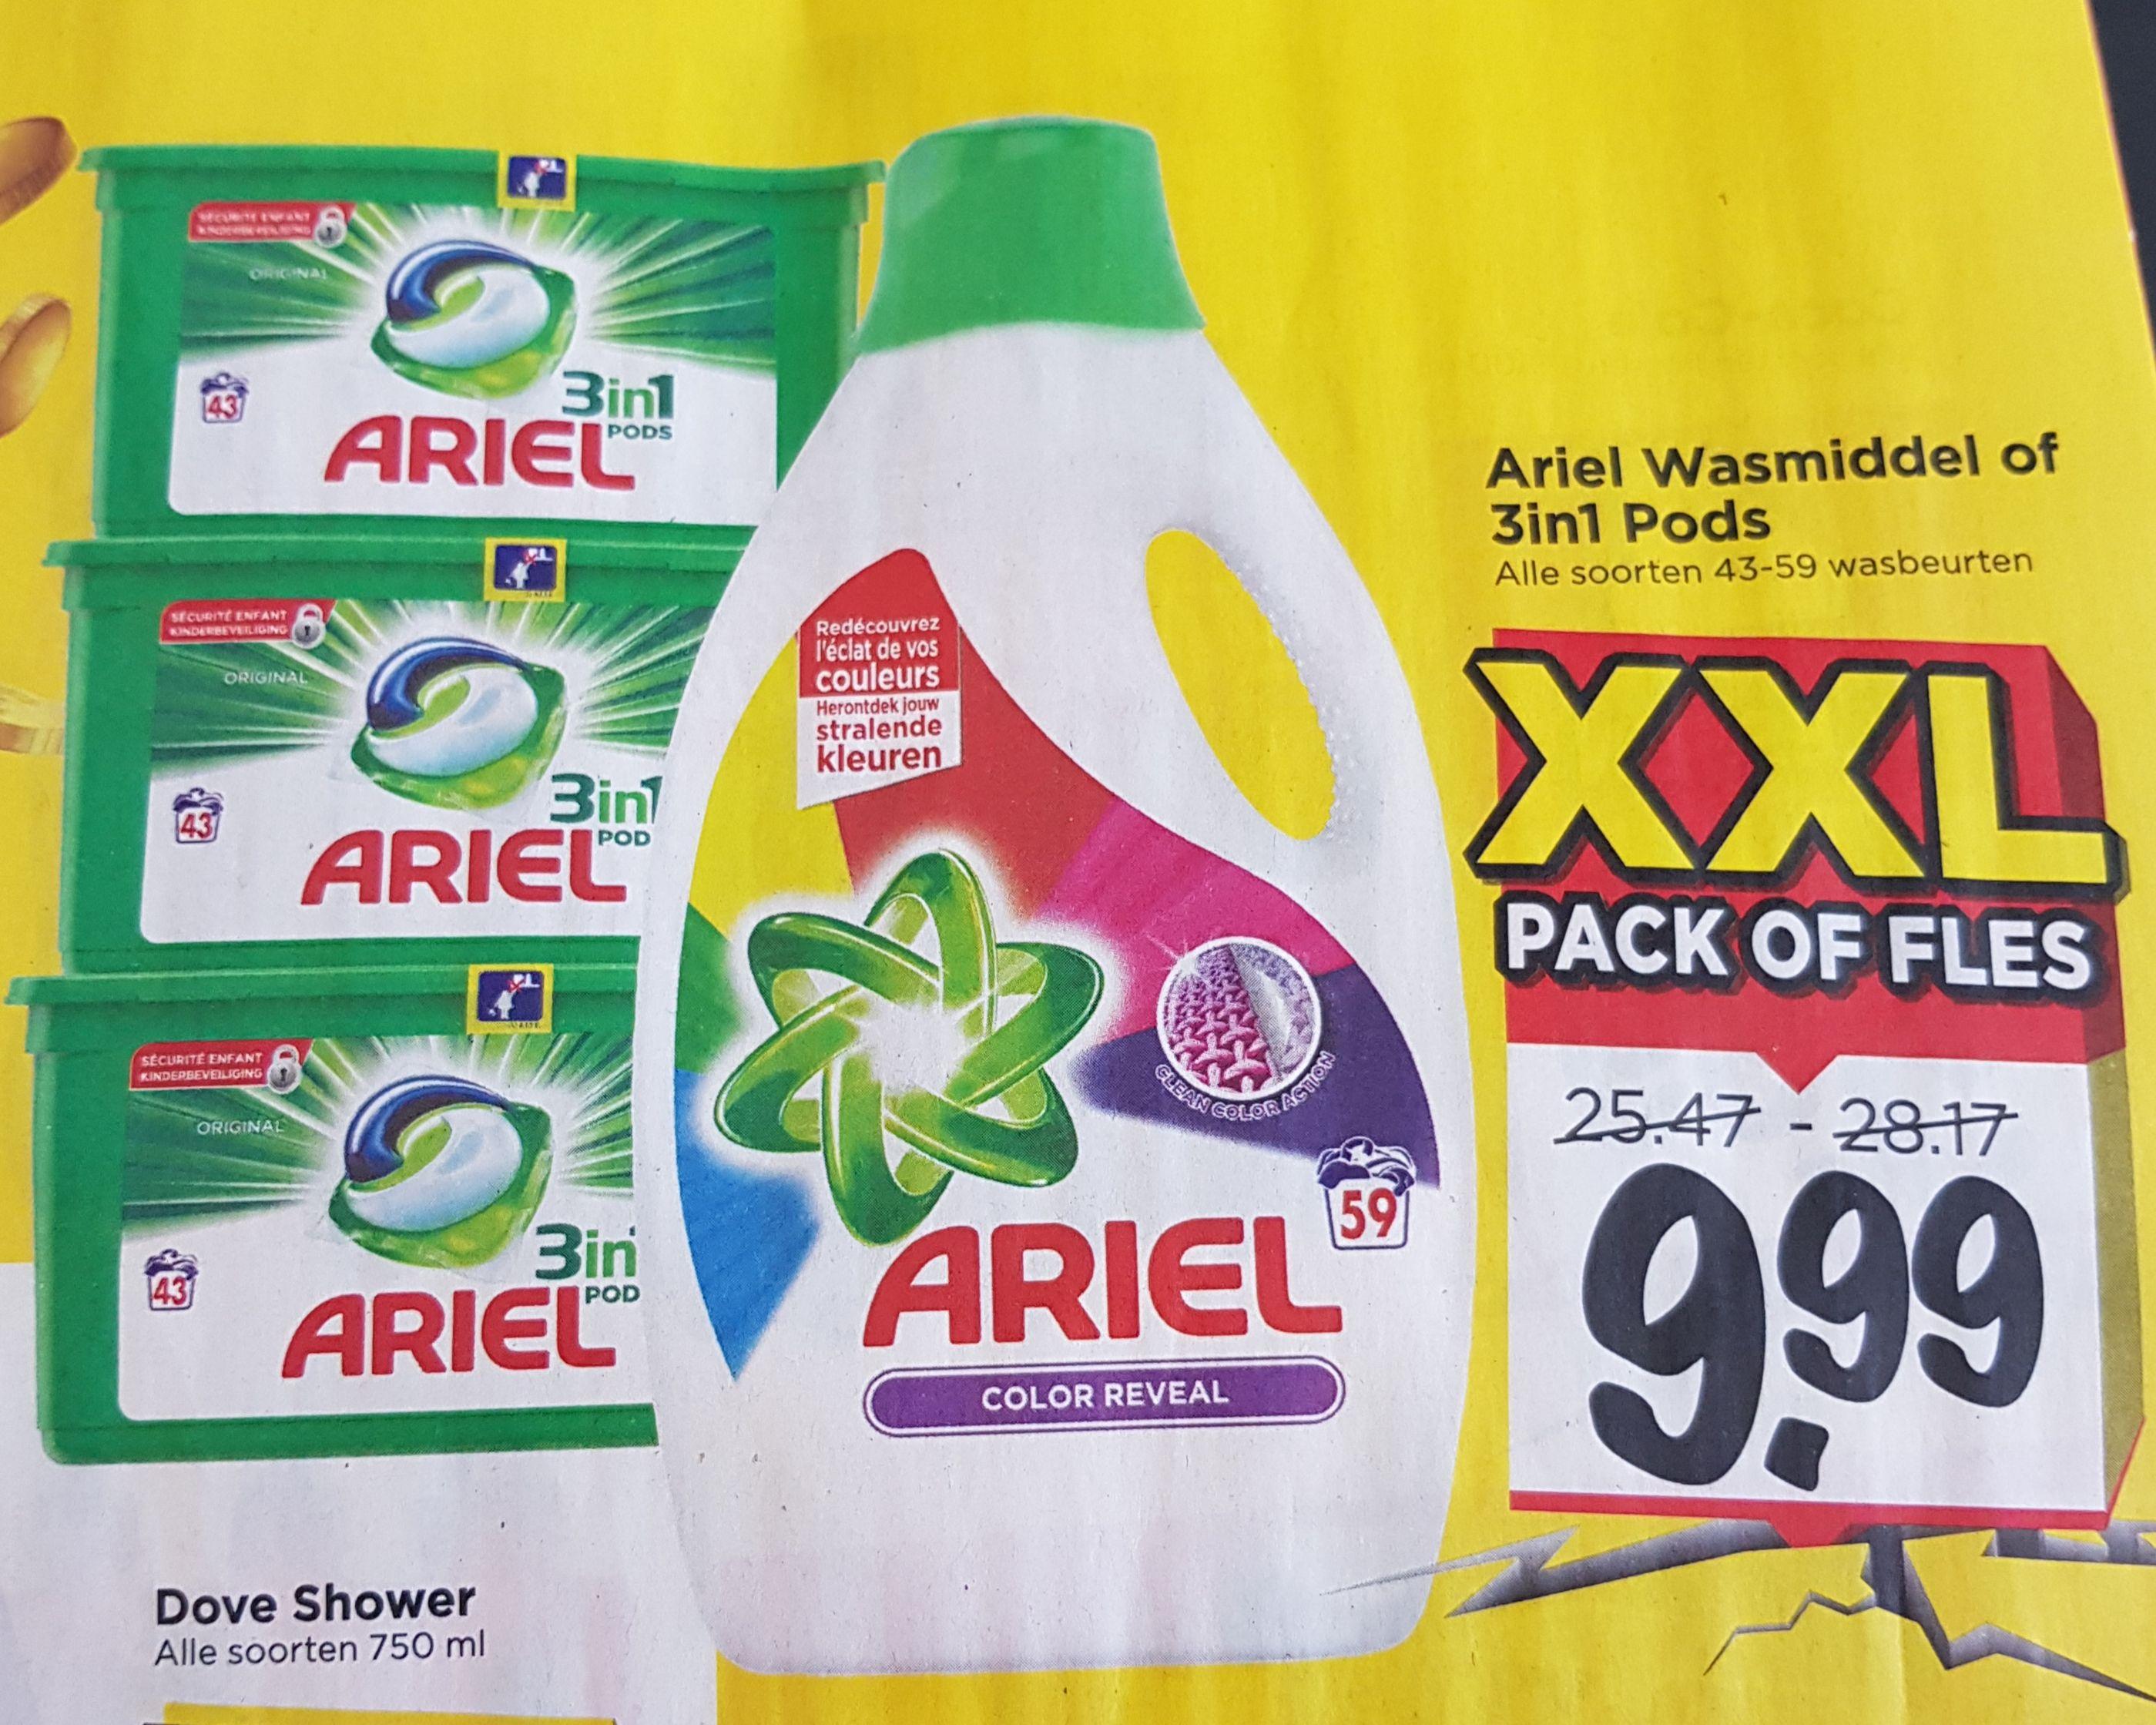 Ariel wasmiddel of pods voor 9,99 bij Vomar.